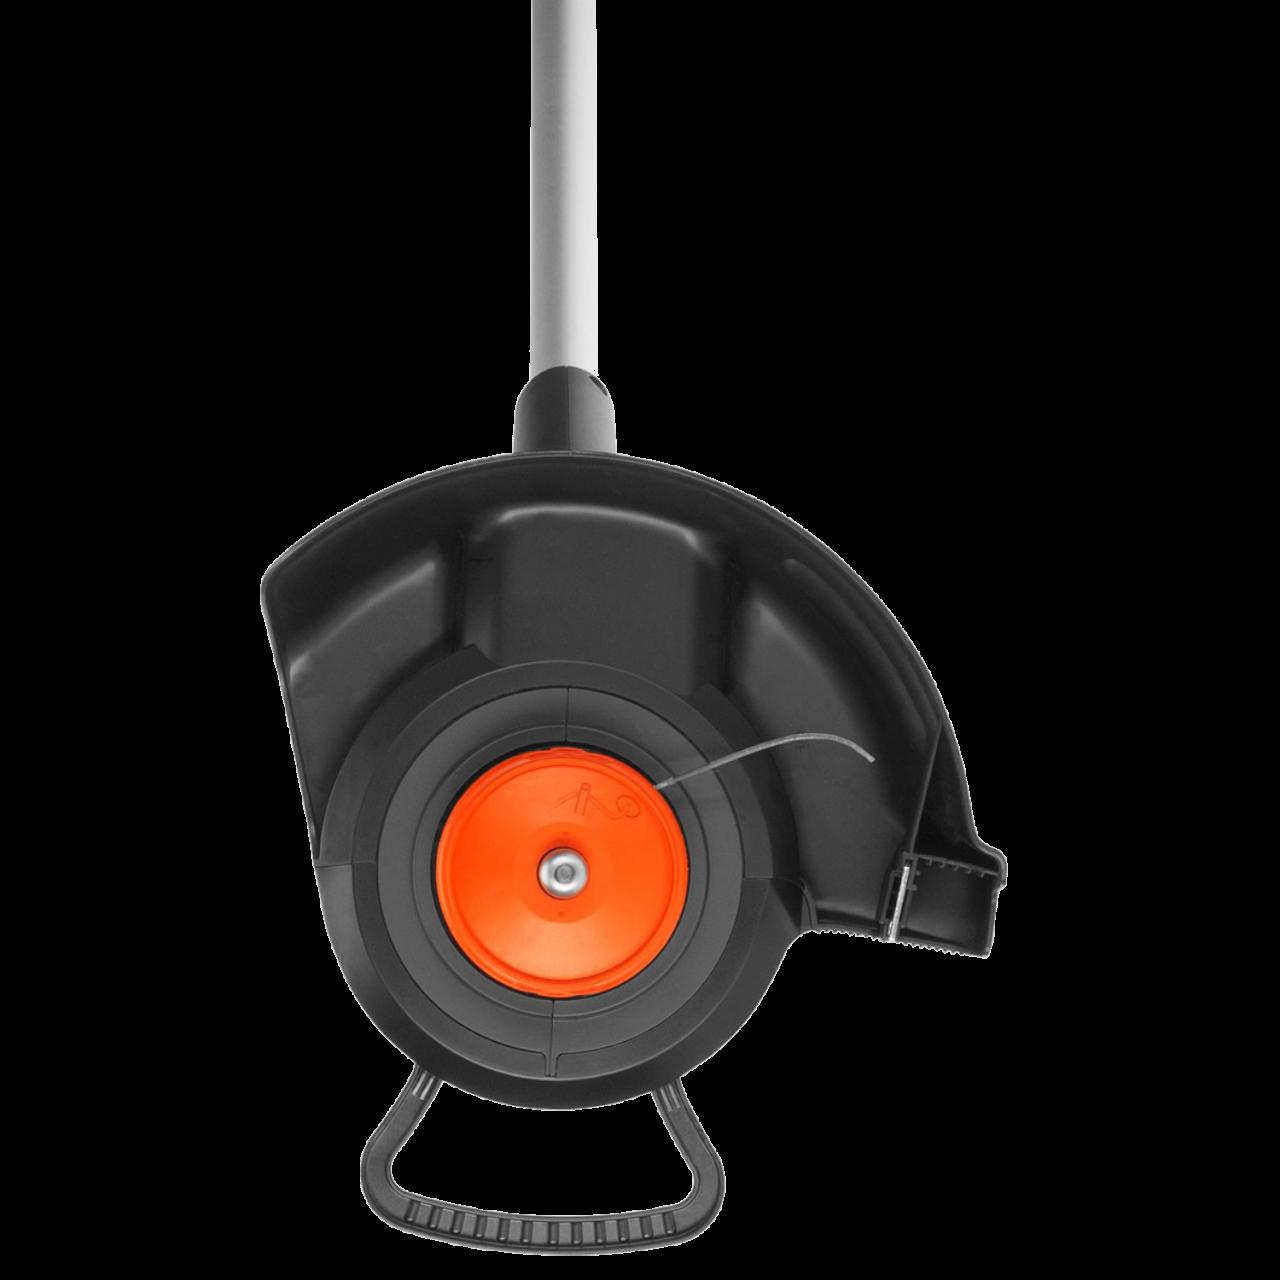 Gardena 9870-20 Elektro-Trimmer EasyCut 450/25